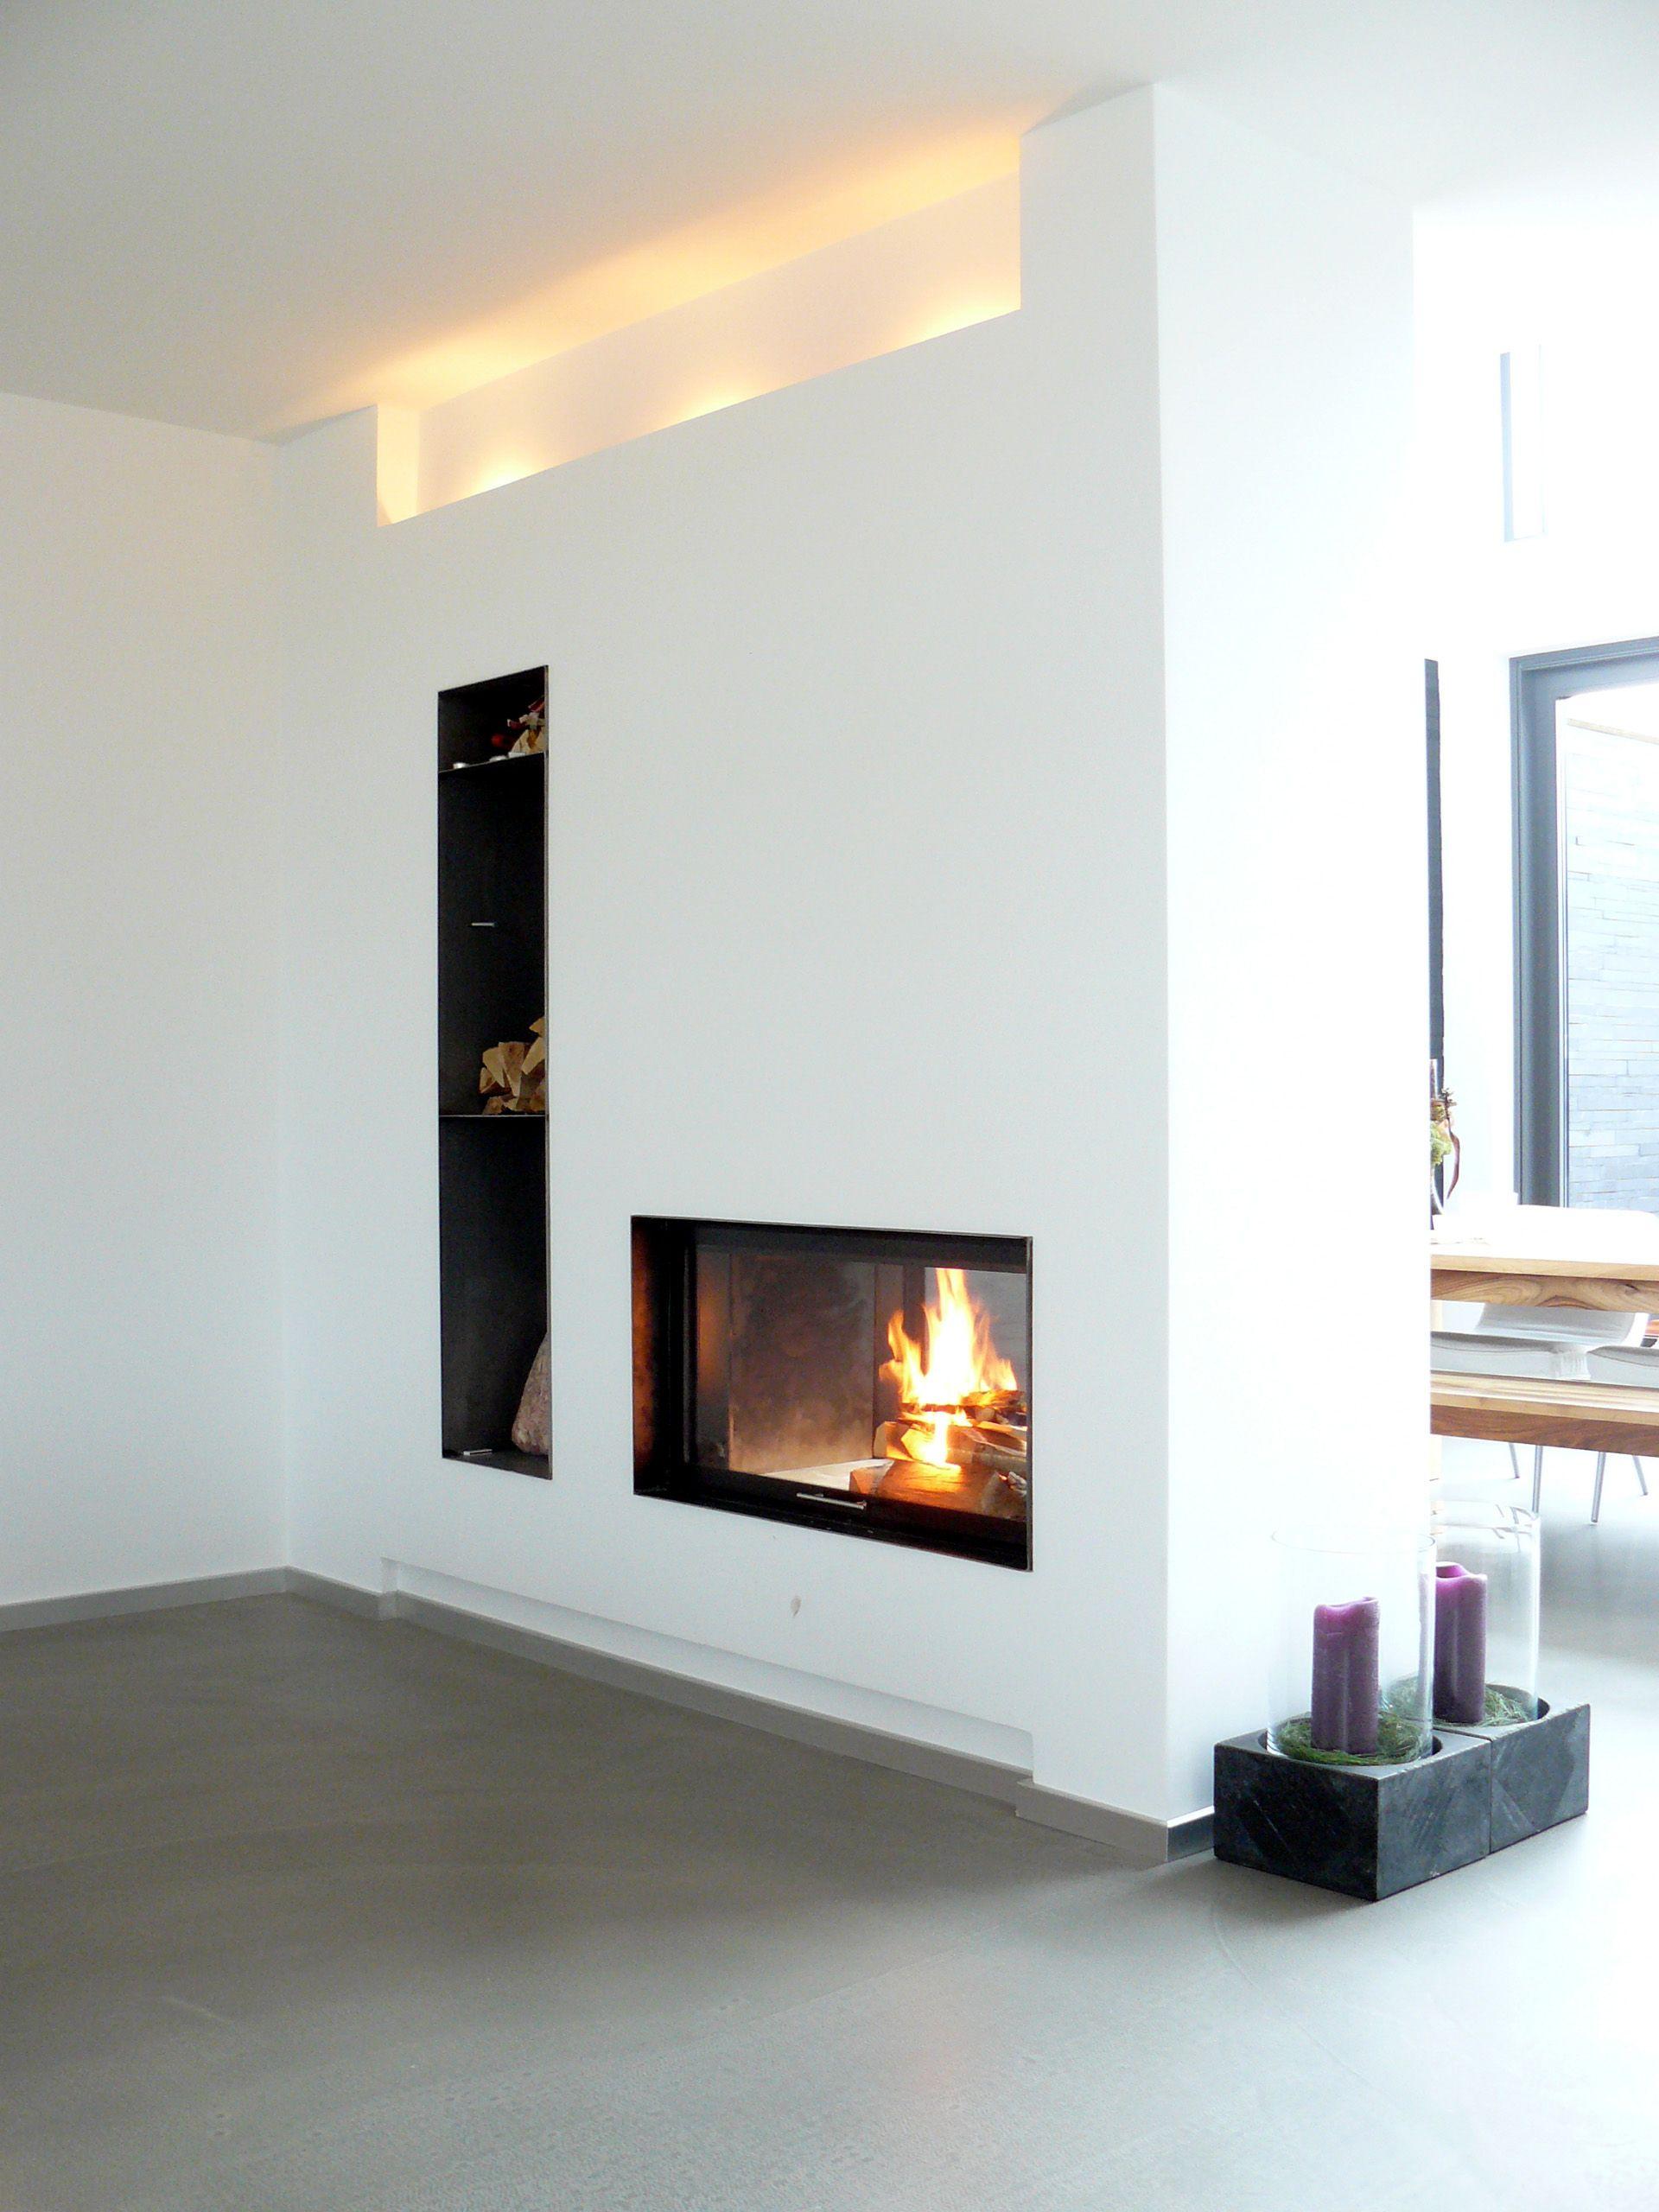 kamin mit tunneleinsatz kamine in 2018 pinterest wohnzimmer ofen und kachelofen. Black Bedroom Furniture Sets. Home Design Ideas